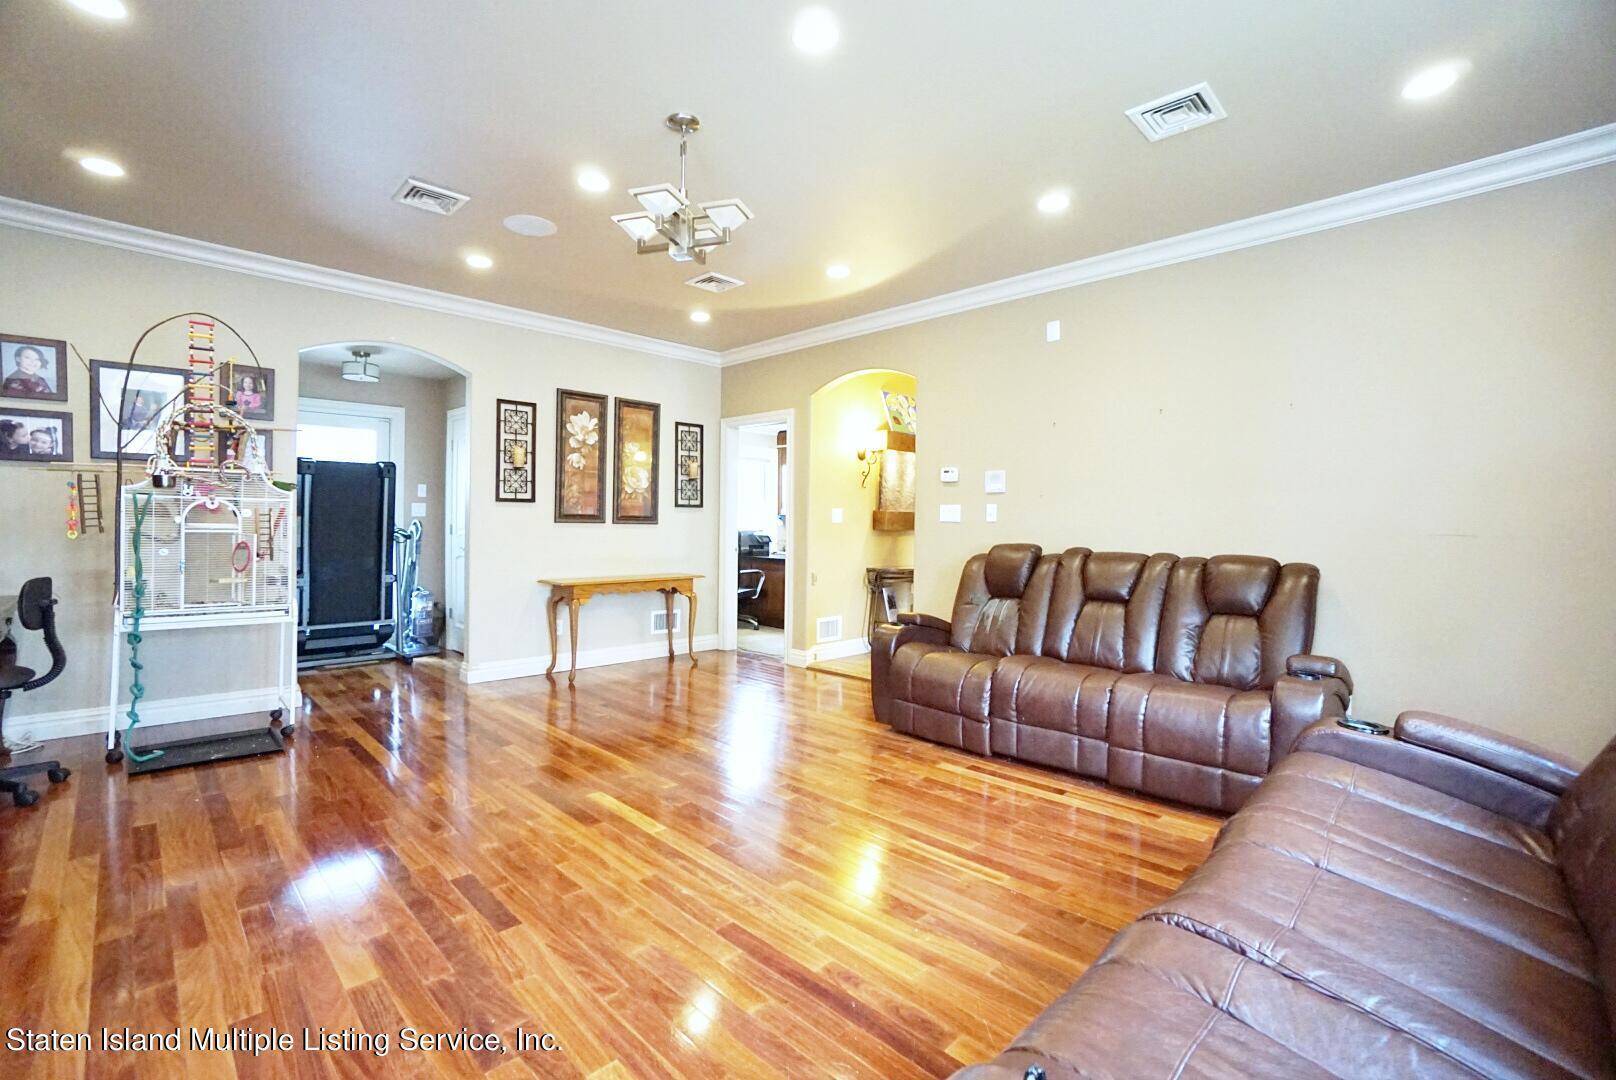 Single Family - Detached 206 Ramapo Avenue  Staten Island, NY 10309, MLS-1147193-6